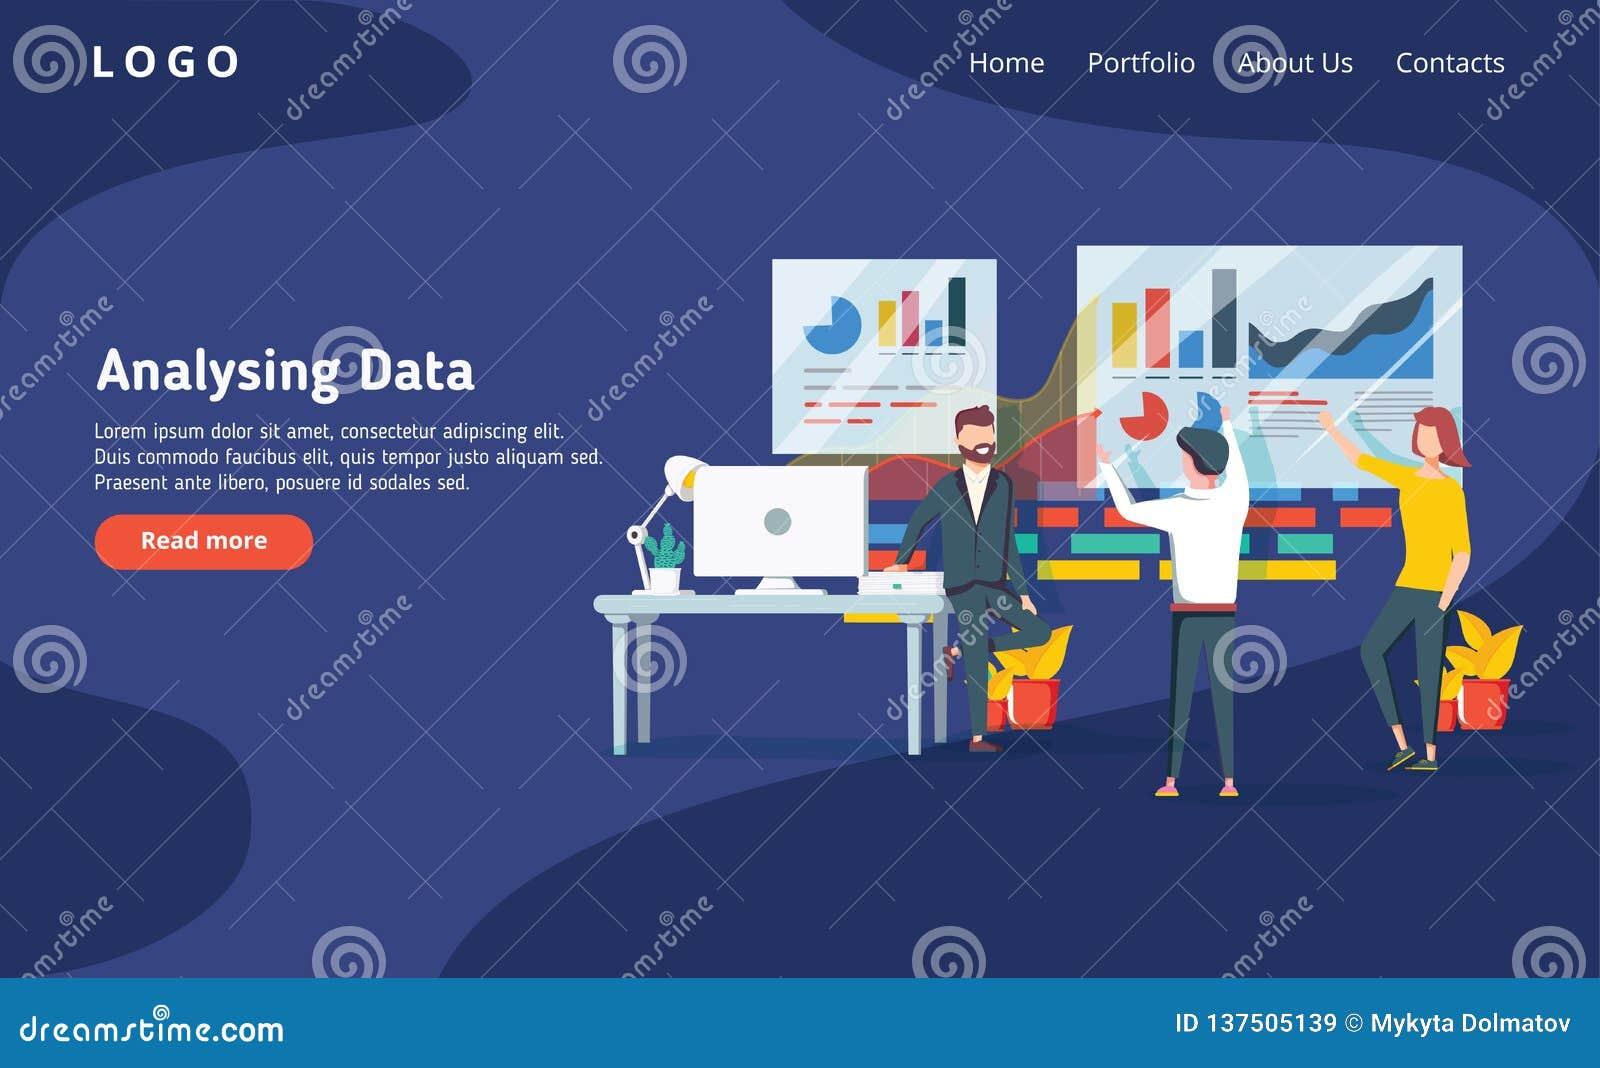 Os povos constroem um painel e interagem com os gráficos no escuro - backgroung azul Análise de dados, e situações do escritório